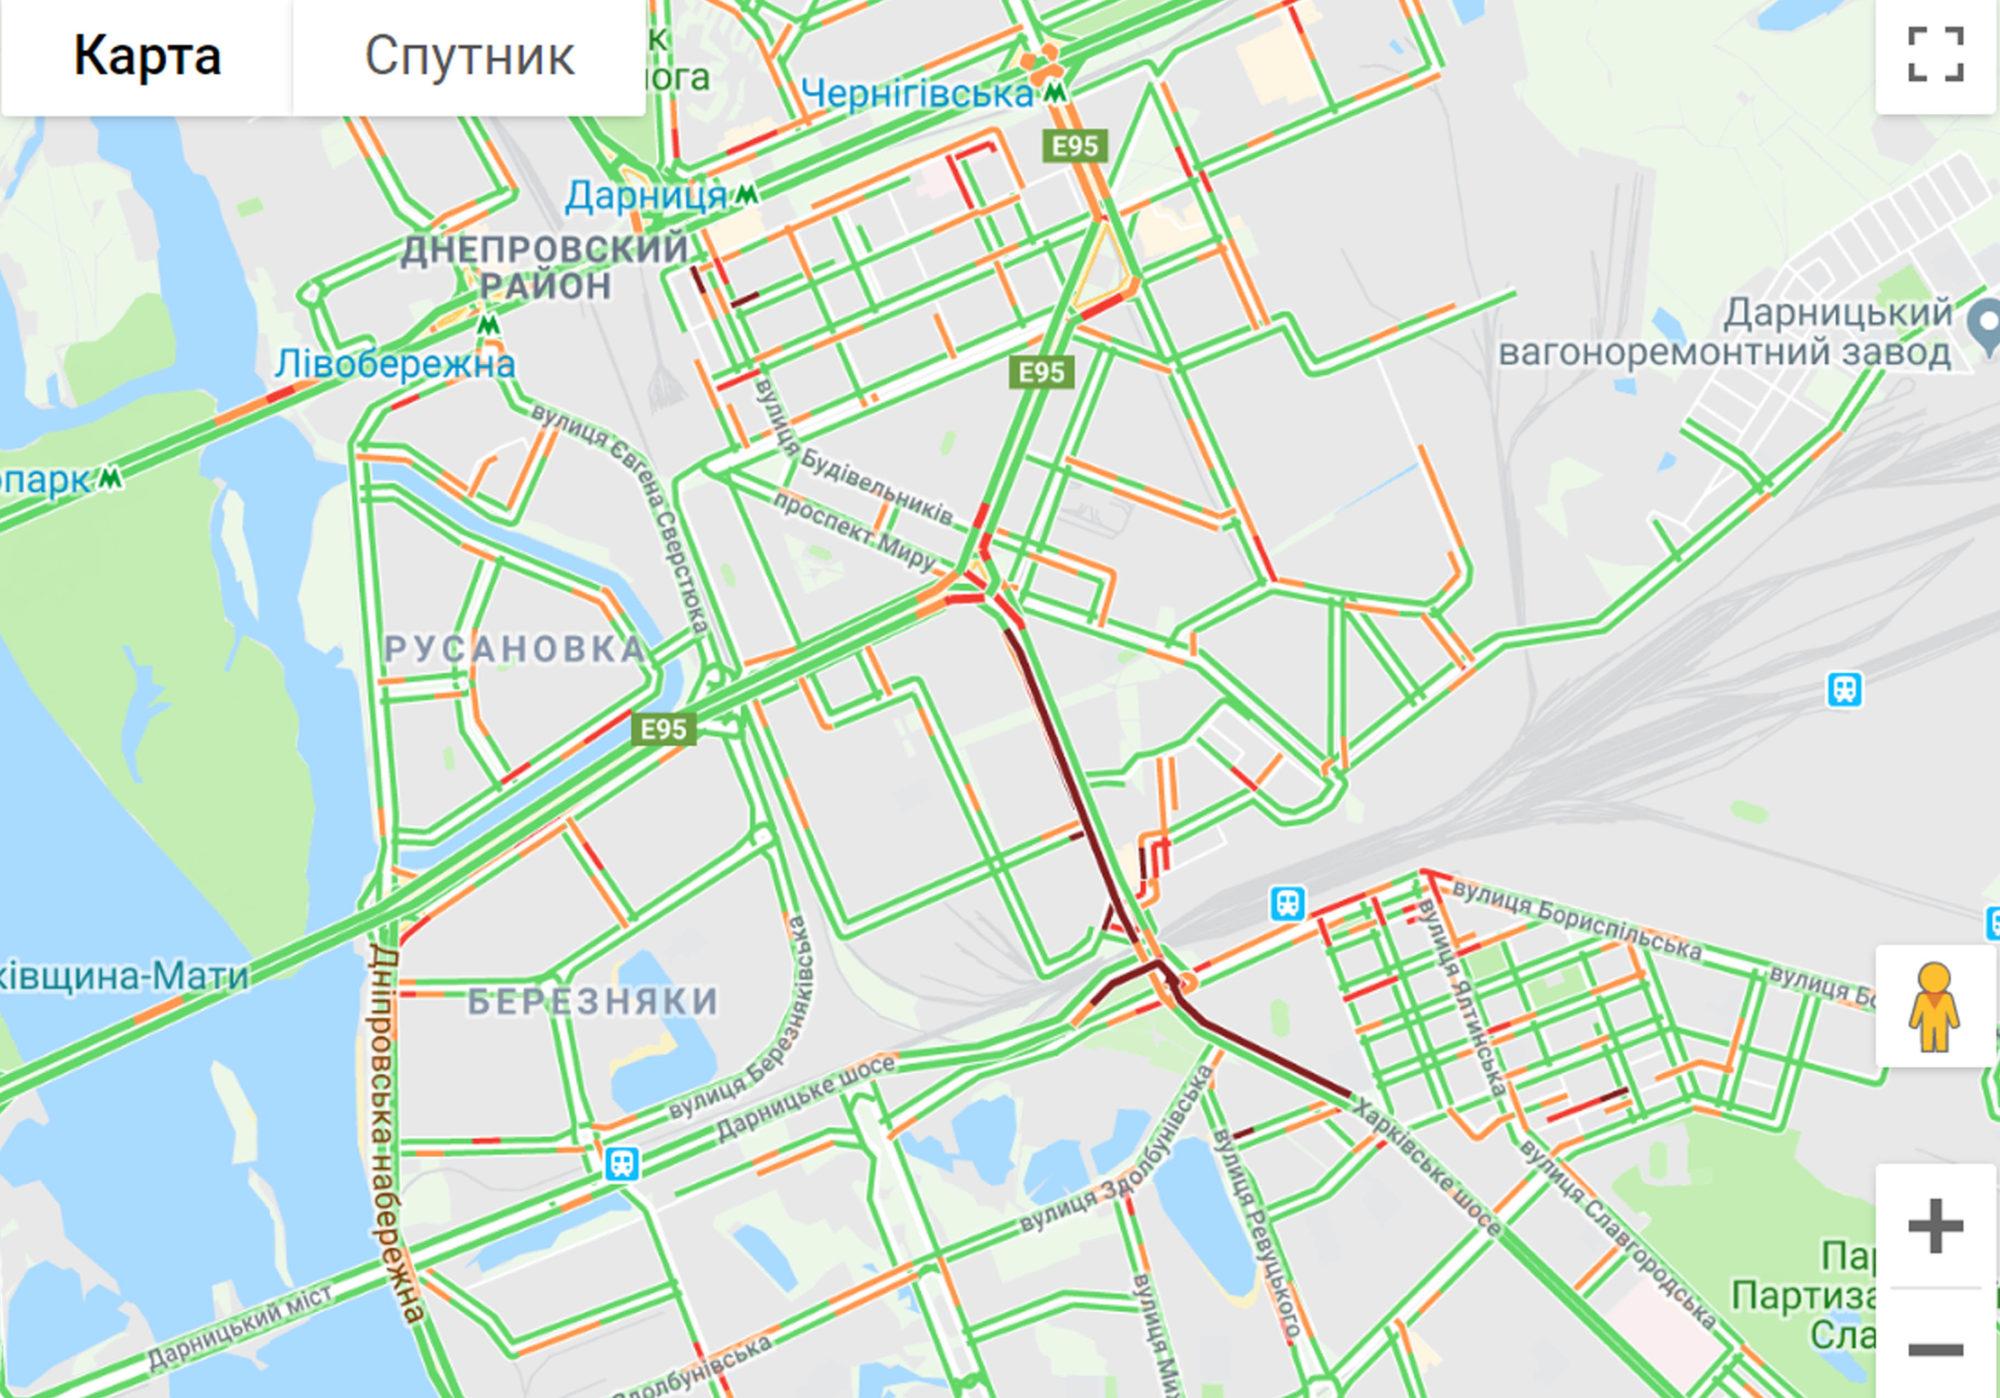 Київ майже вільний від заторів -  - 315 2000x1398